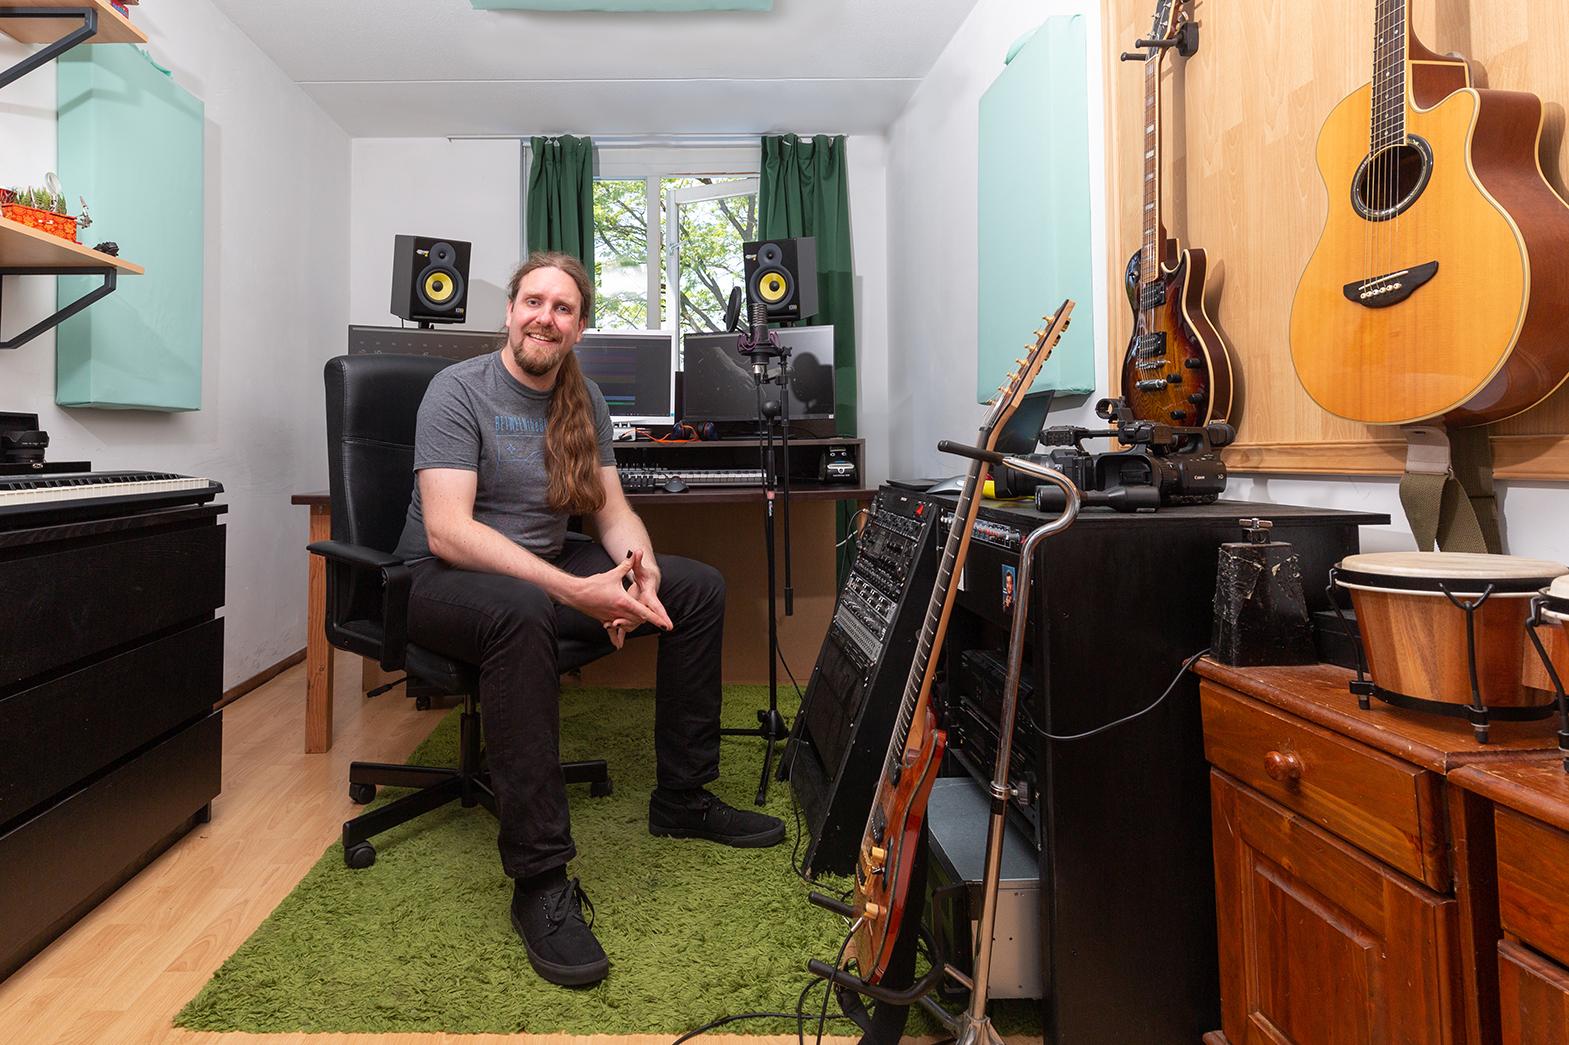 Tom de Wit - The Imagineering Suite